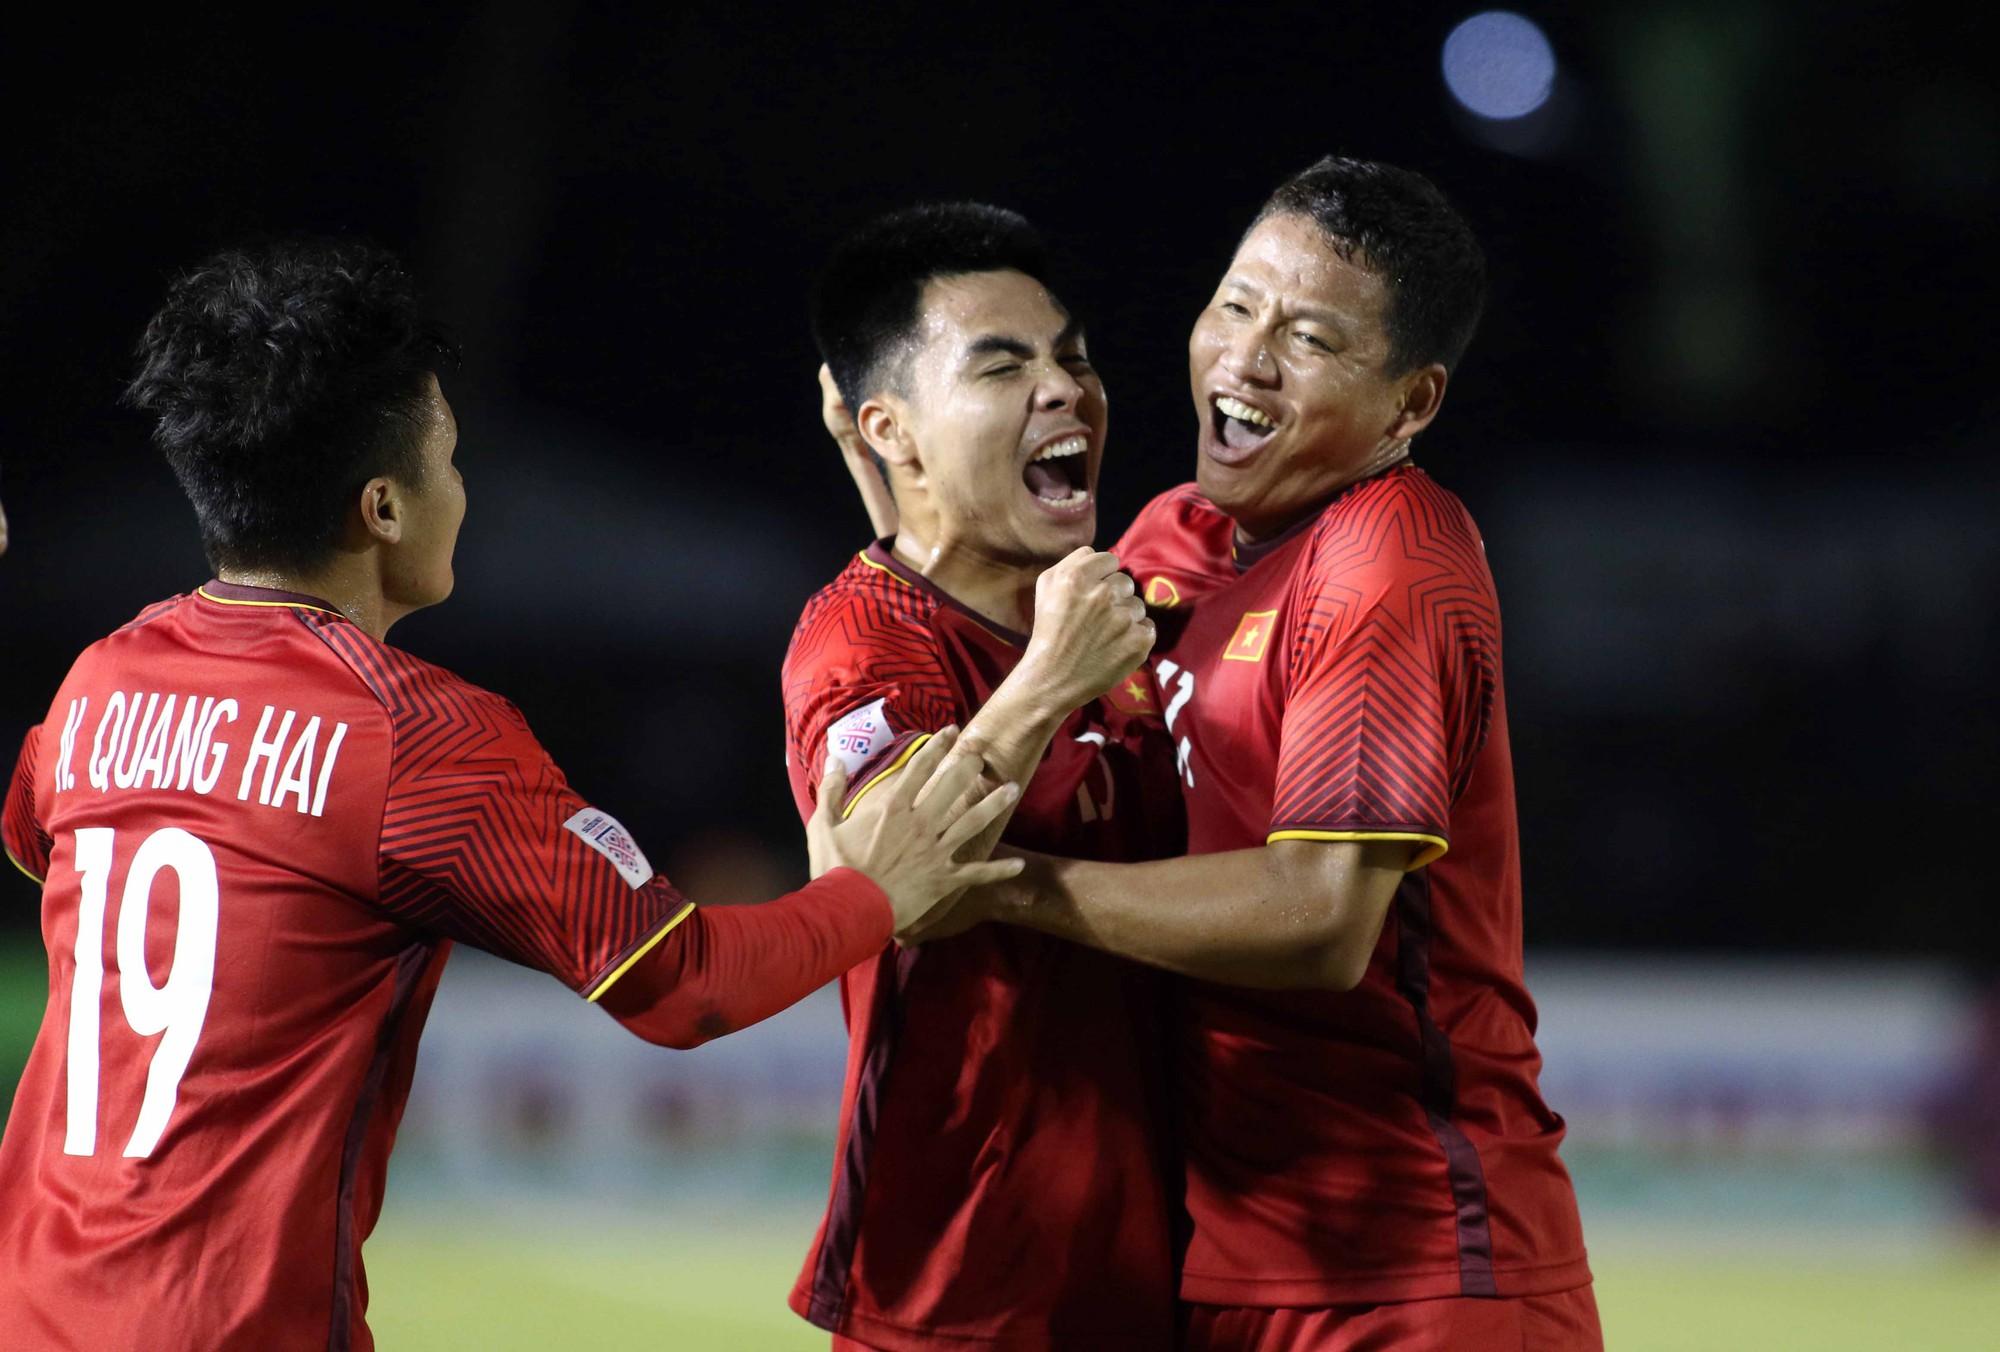 HLV Park Hang Seo: Hết lời khen Văn Đức, tiếc vì đội nhà nhận bàn thua đầu tiên - Ảnh 2.